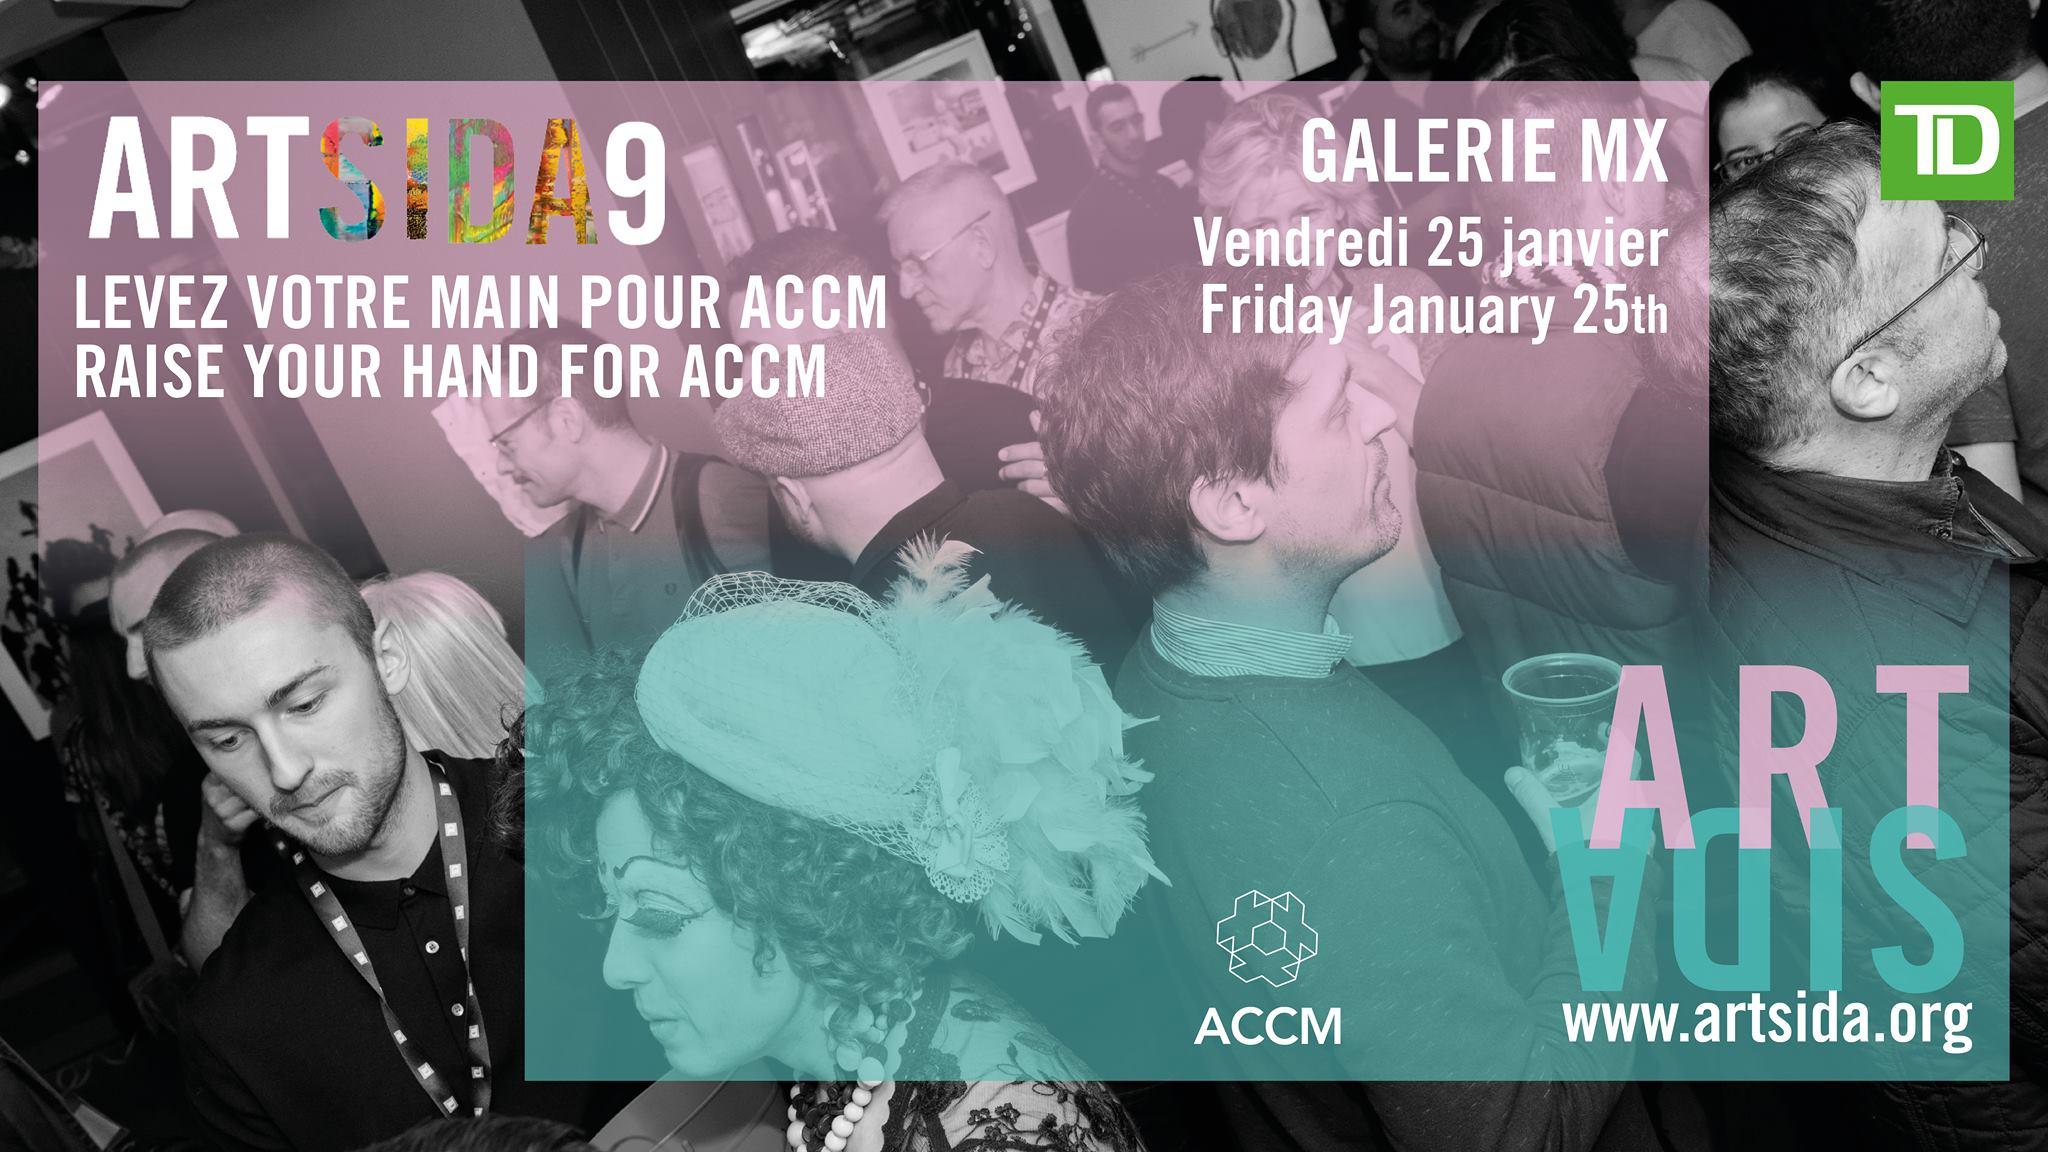 Artsida9 — Vernissage le vendredi 25 janvier 2019 à la Galerie MX, Montréal QC